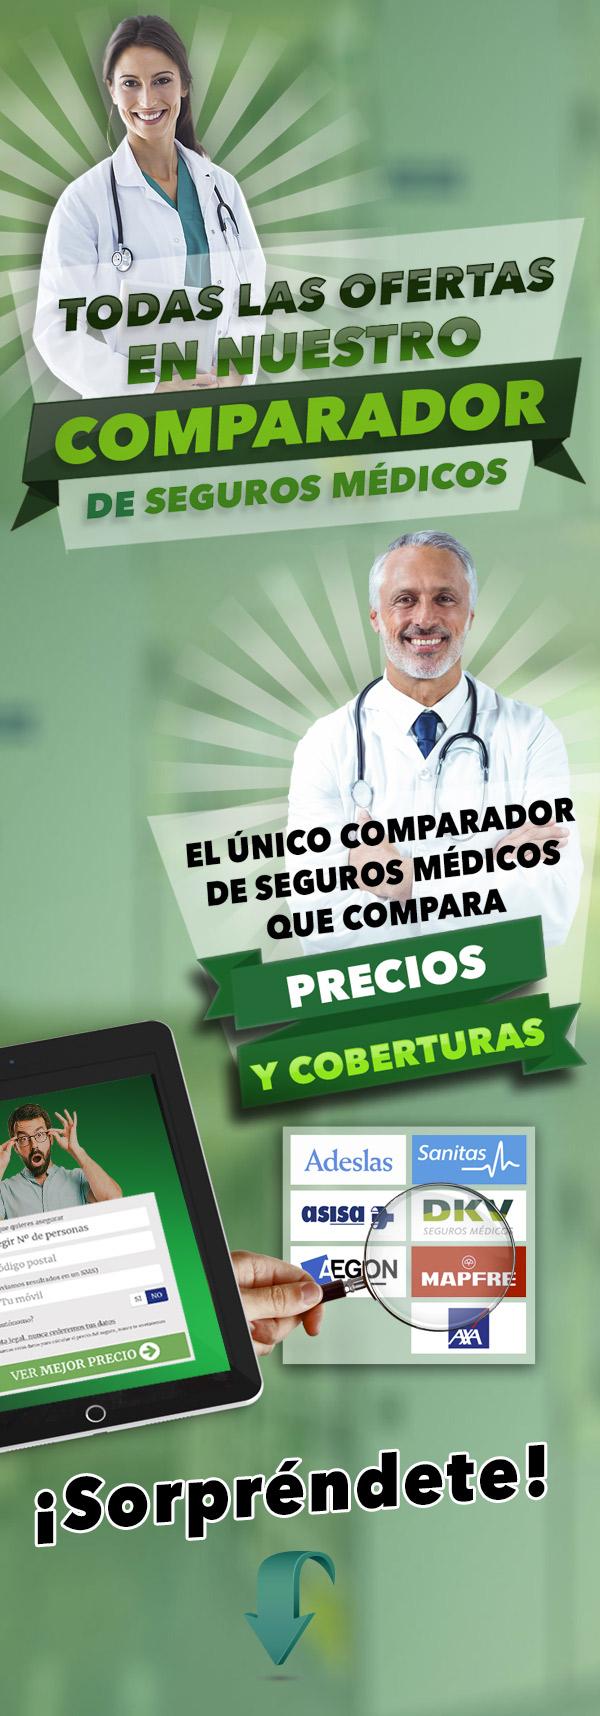 Todas las ofertas en nuestro comparador de seguros médicos